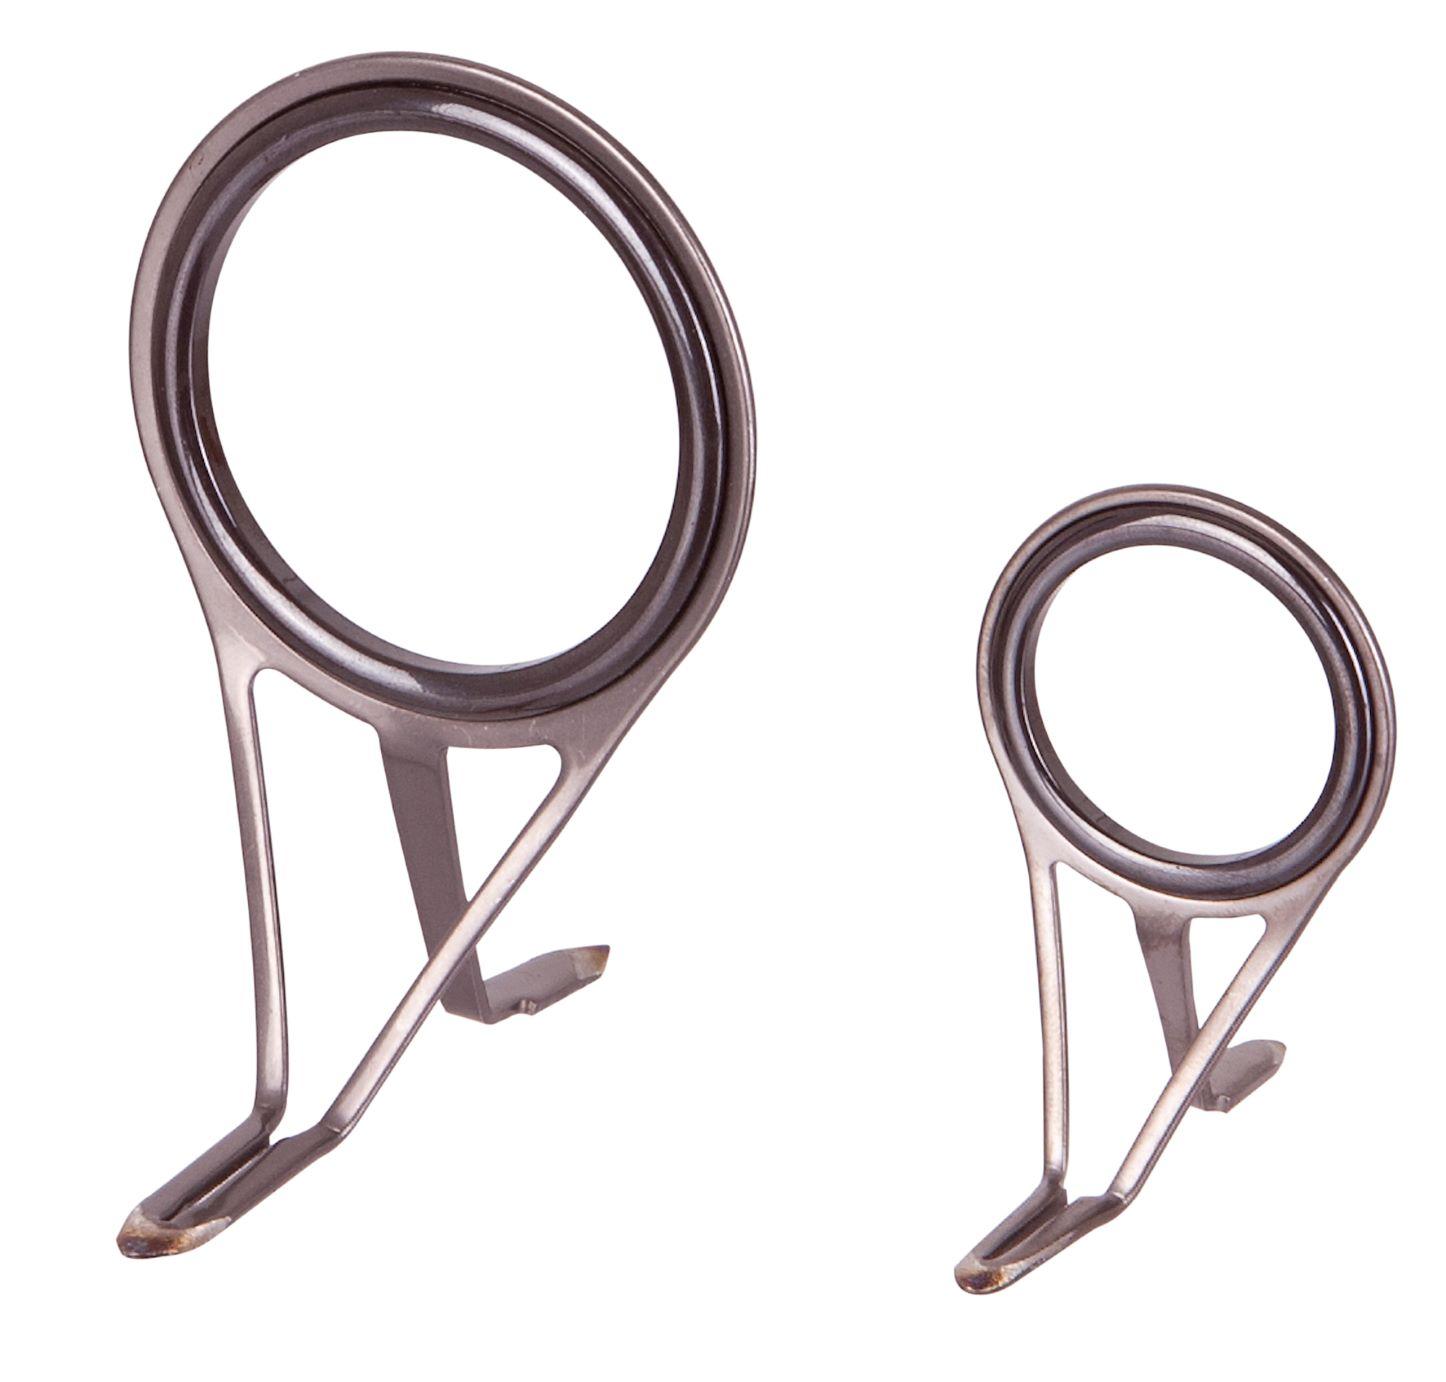 Anaconda náhradné očko TSG Gunsmoke. priebežné priemer: 30 mm